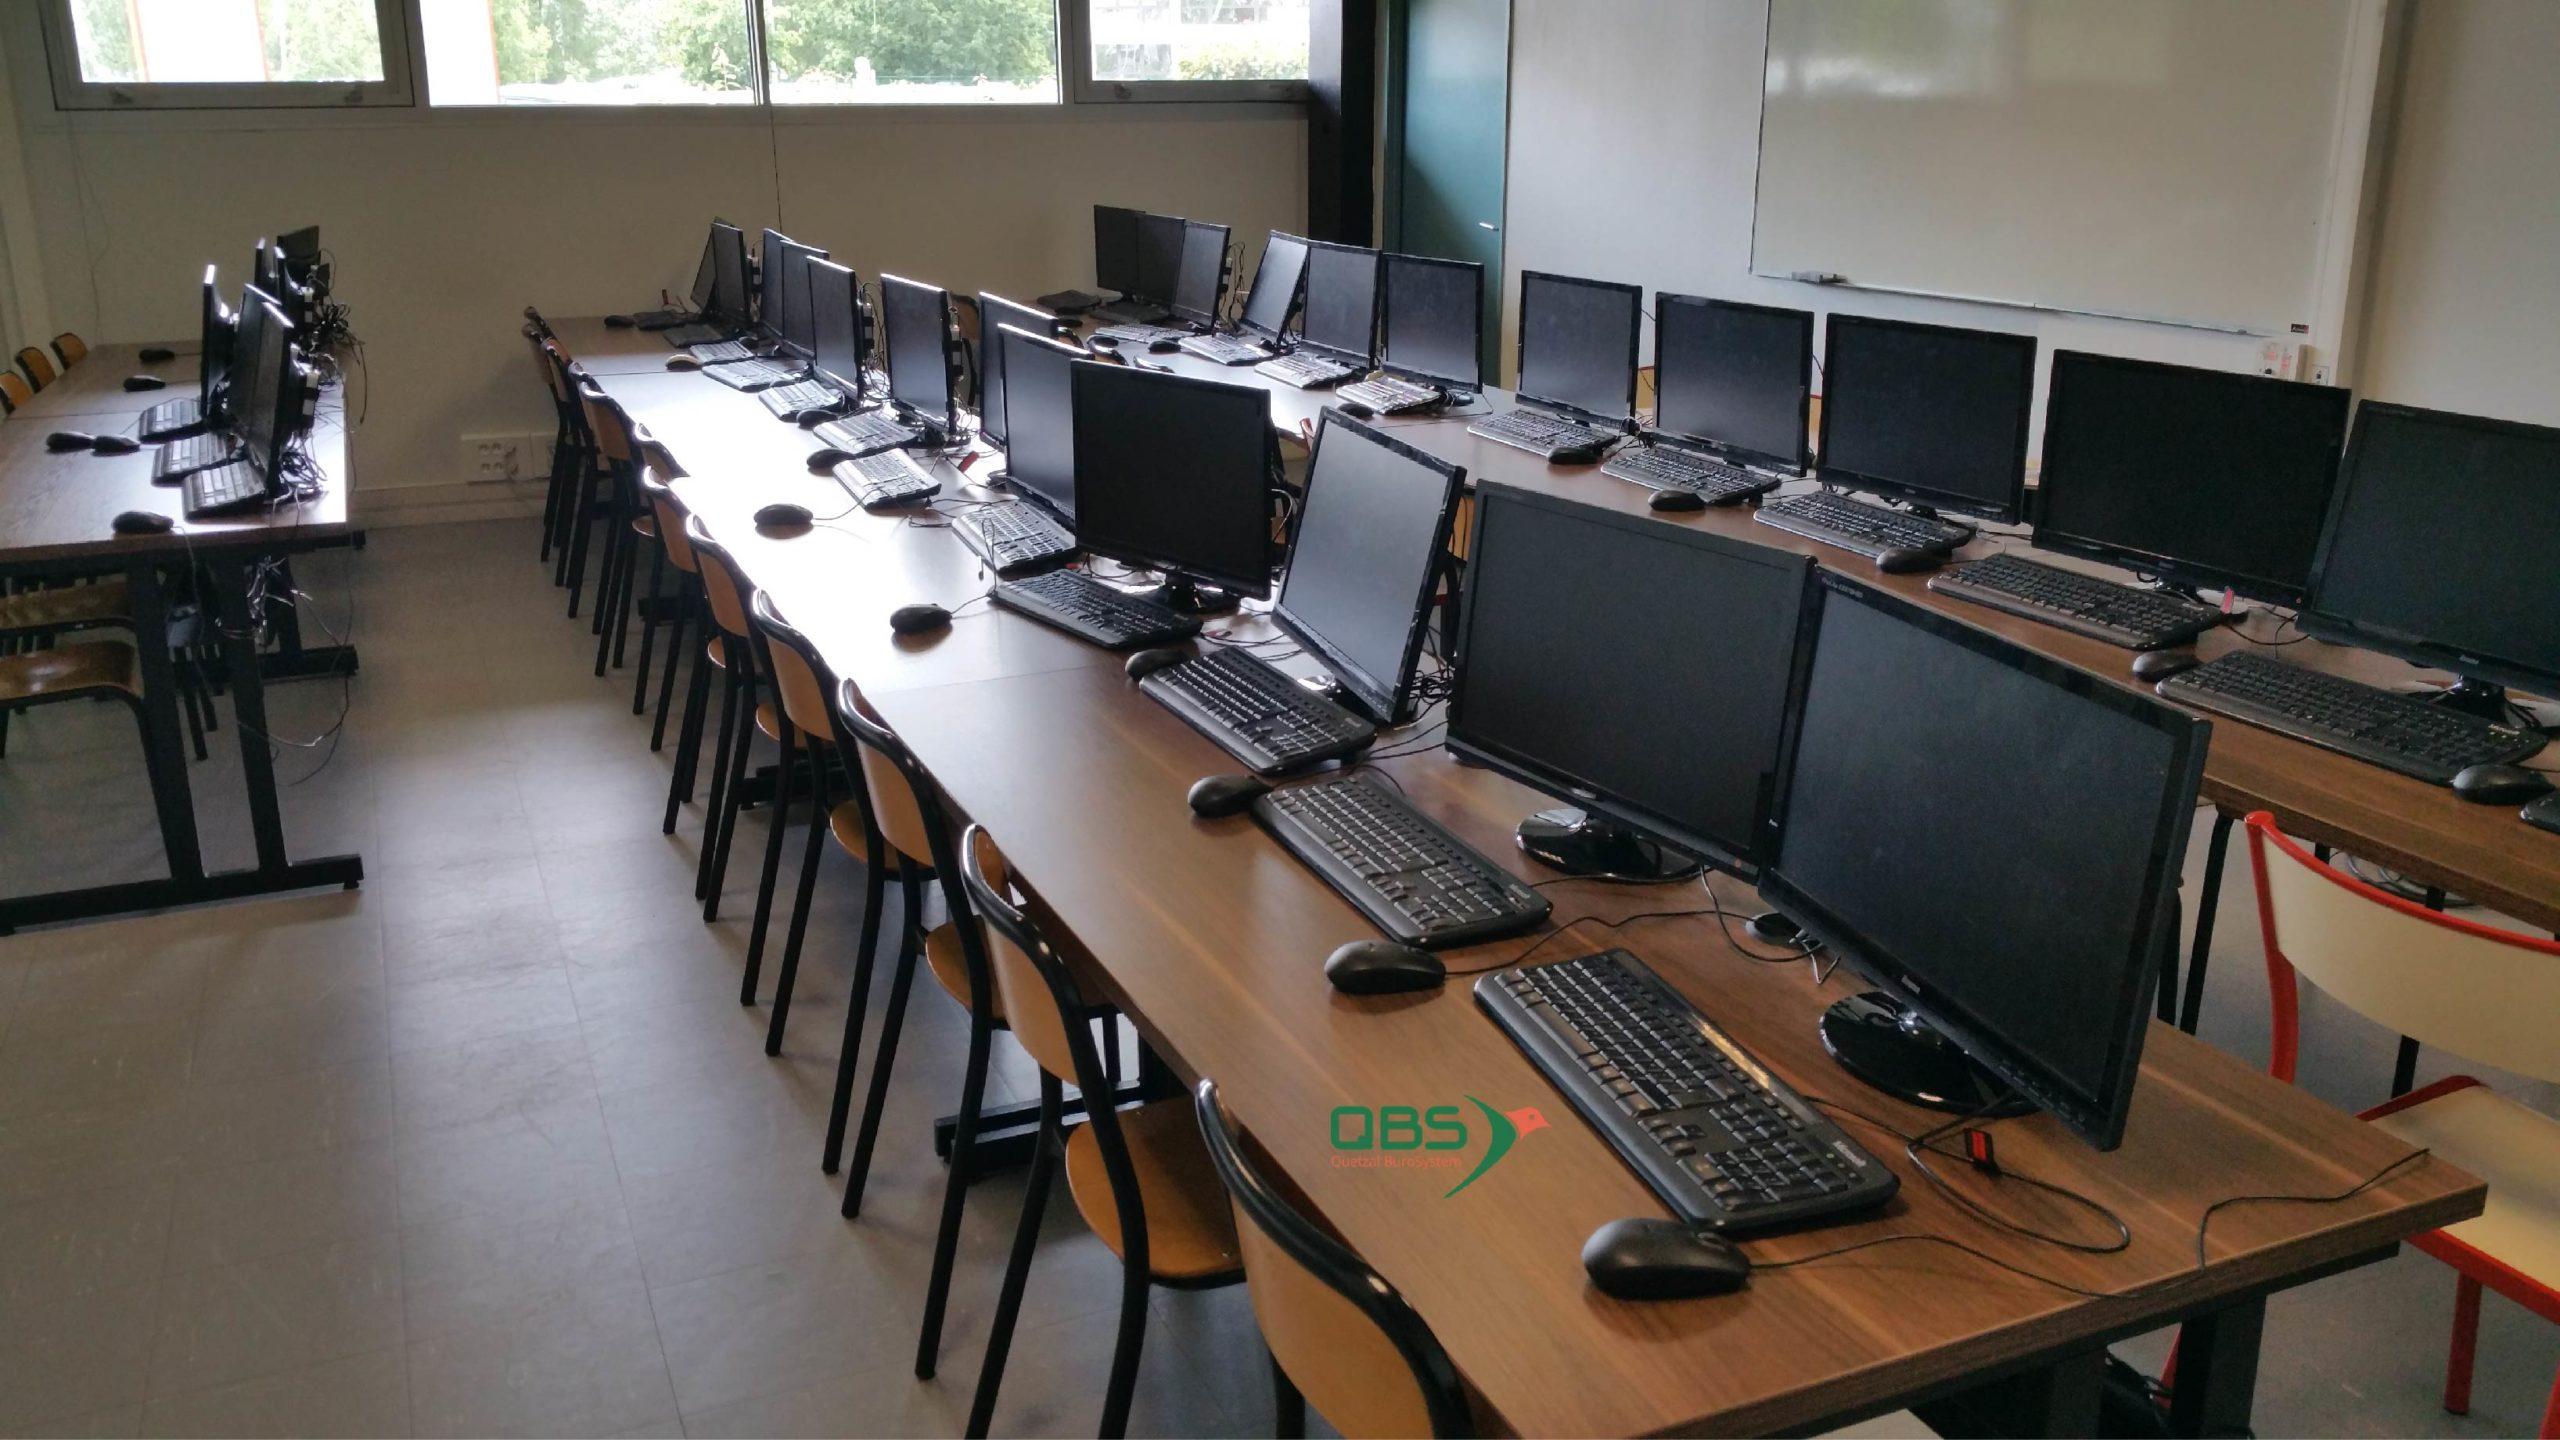 Ecran posé mobilier spécialisé informatique formation QBS